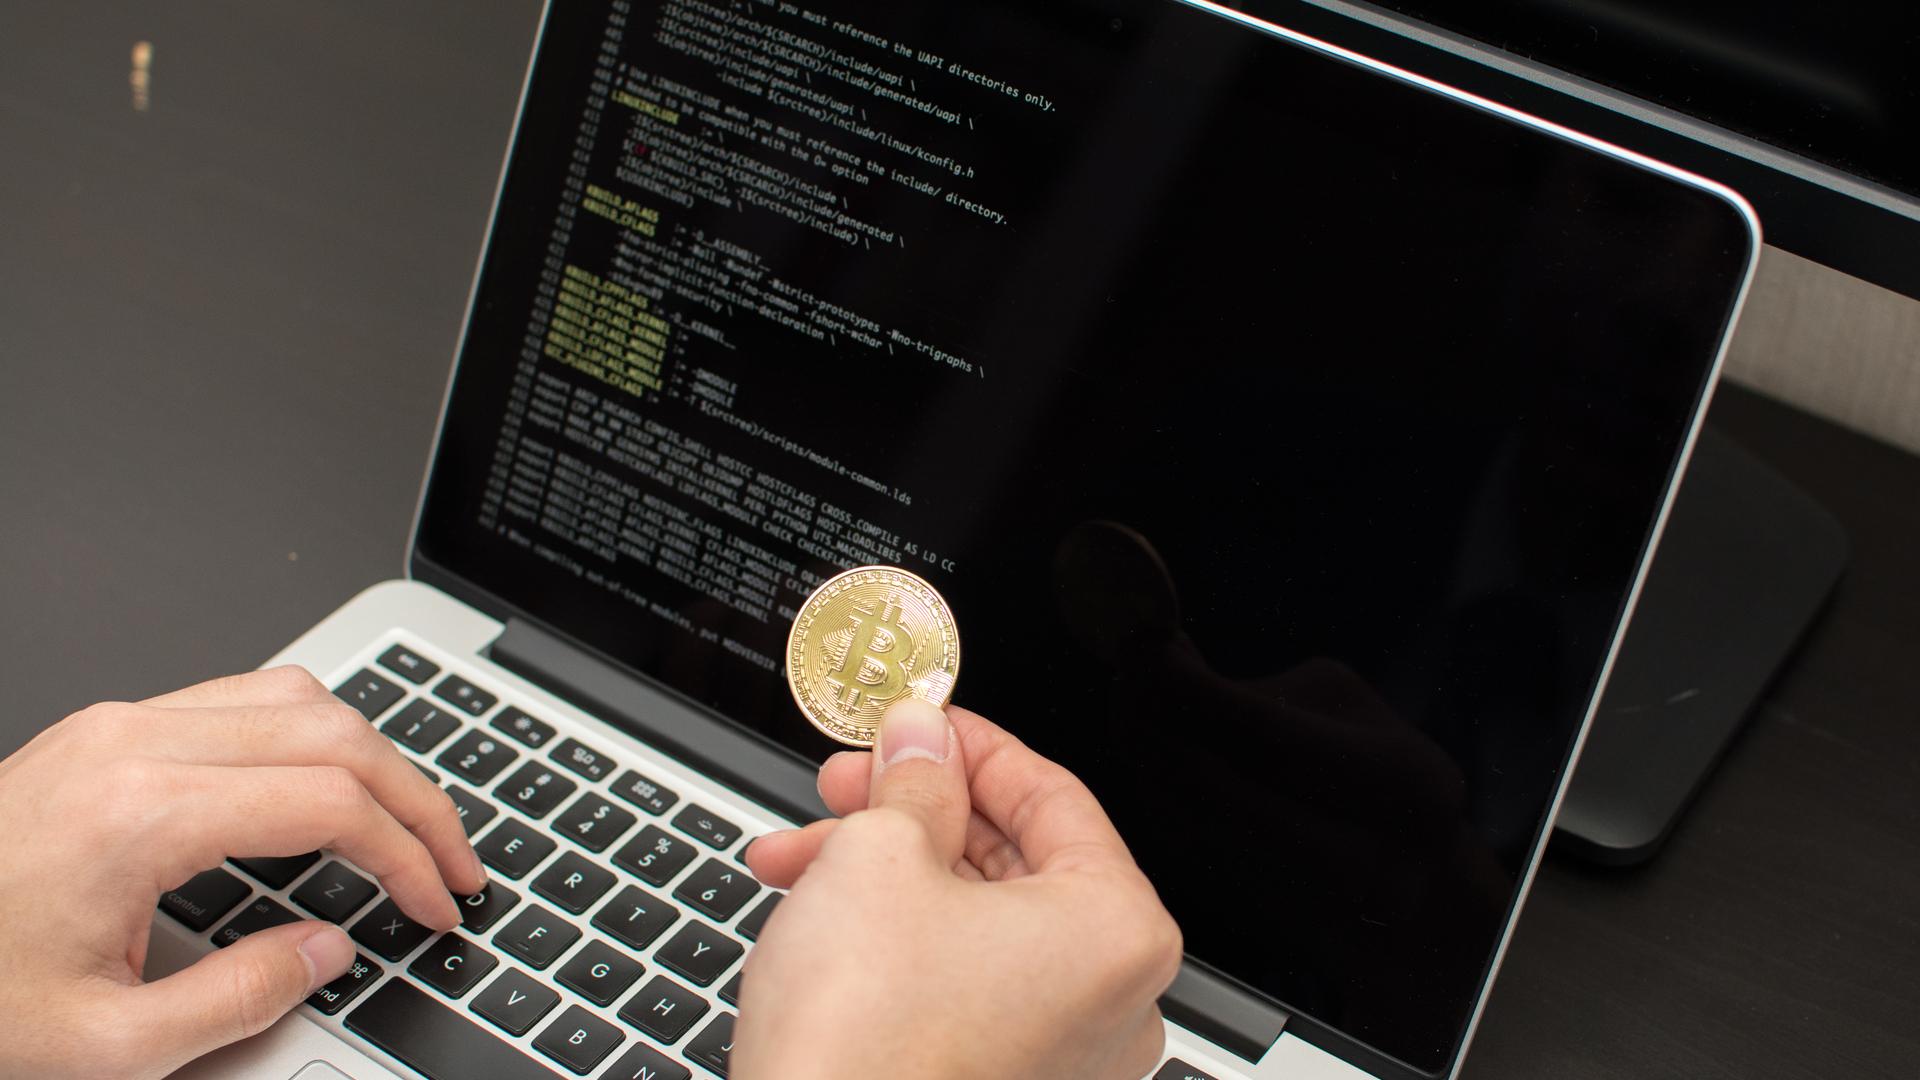 Empresa lança máquinas para mineração de Bitcoin em casa